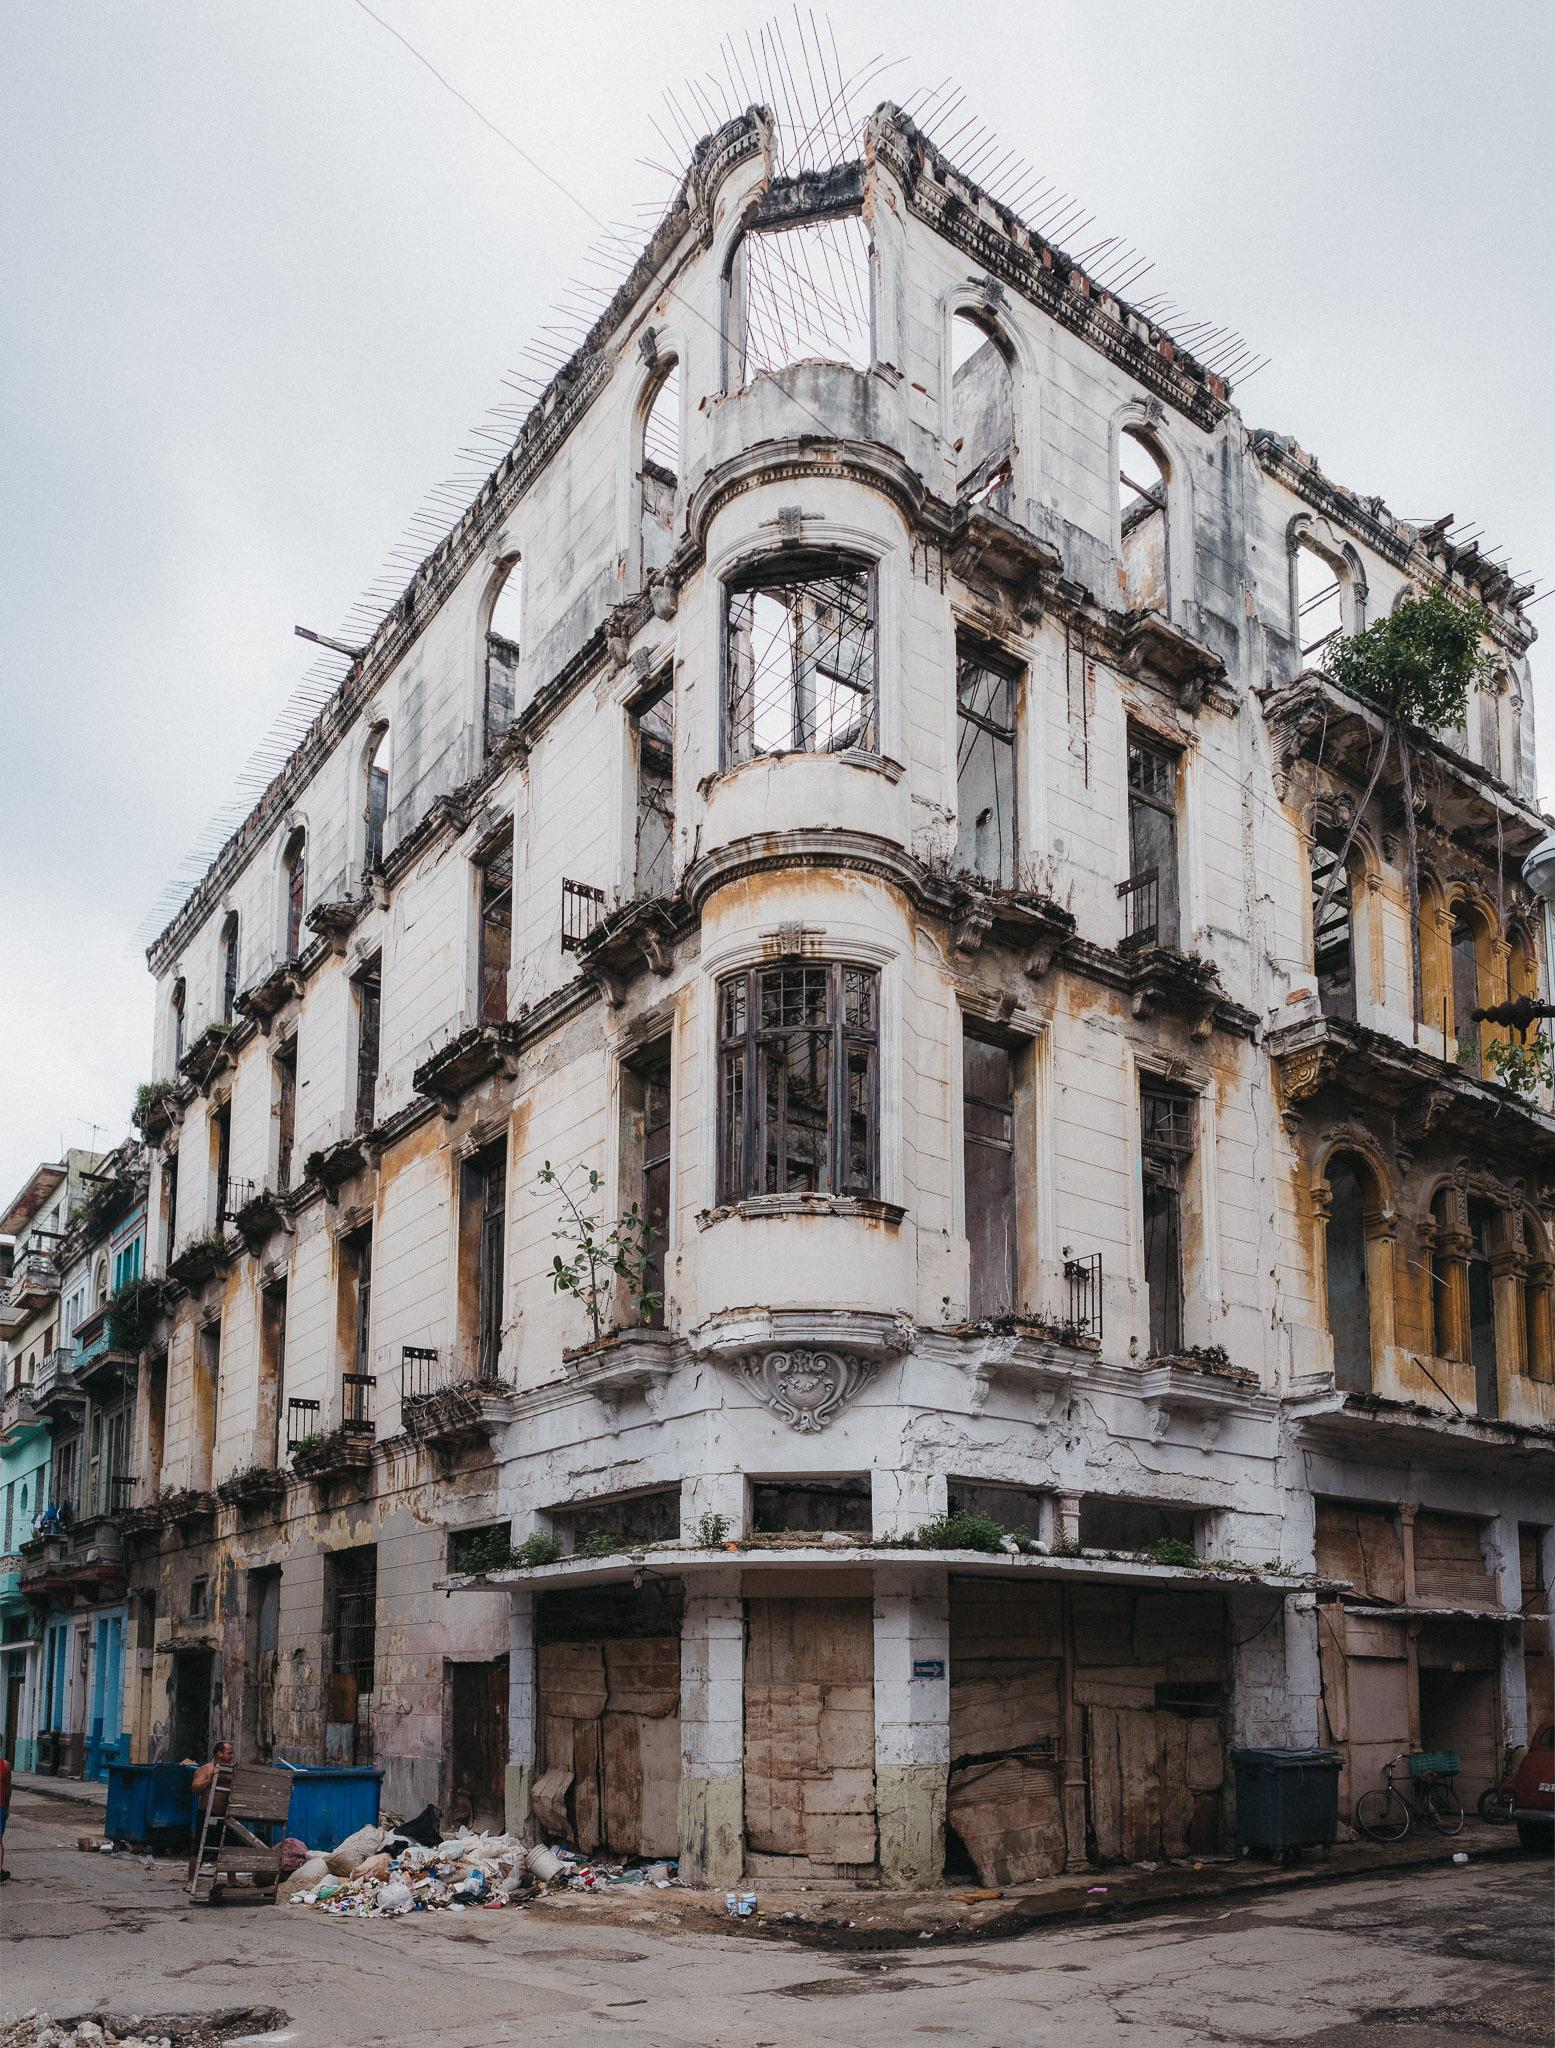 Cuba-2017-12-Havana-0340.jpg